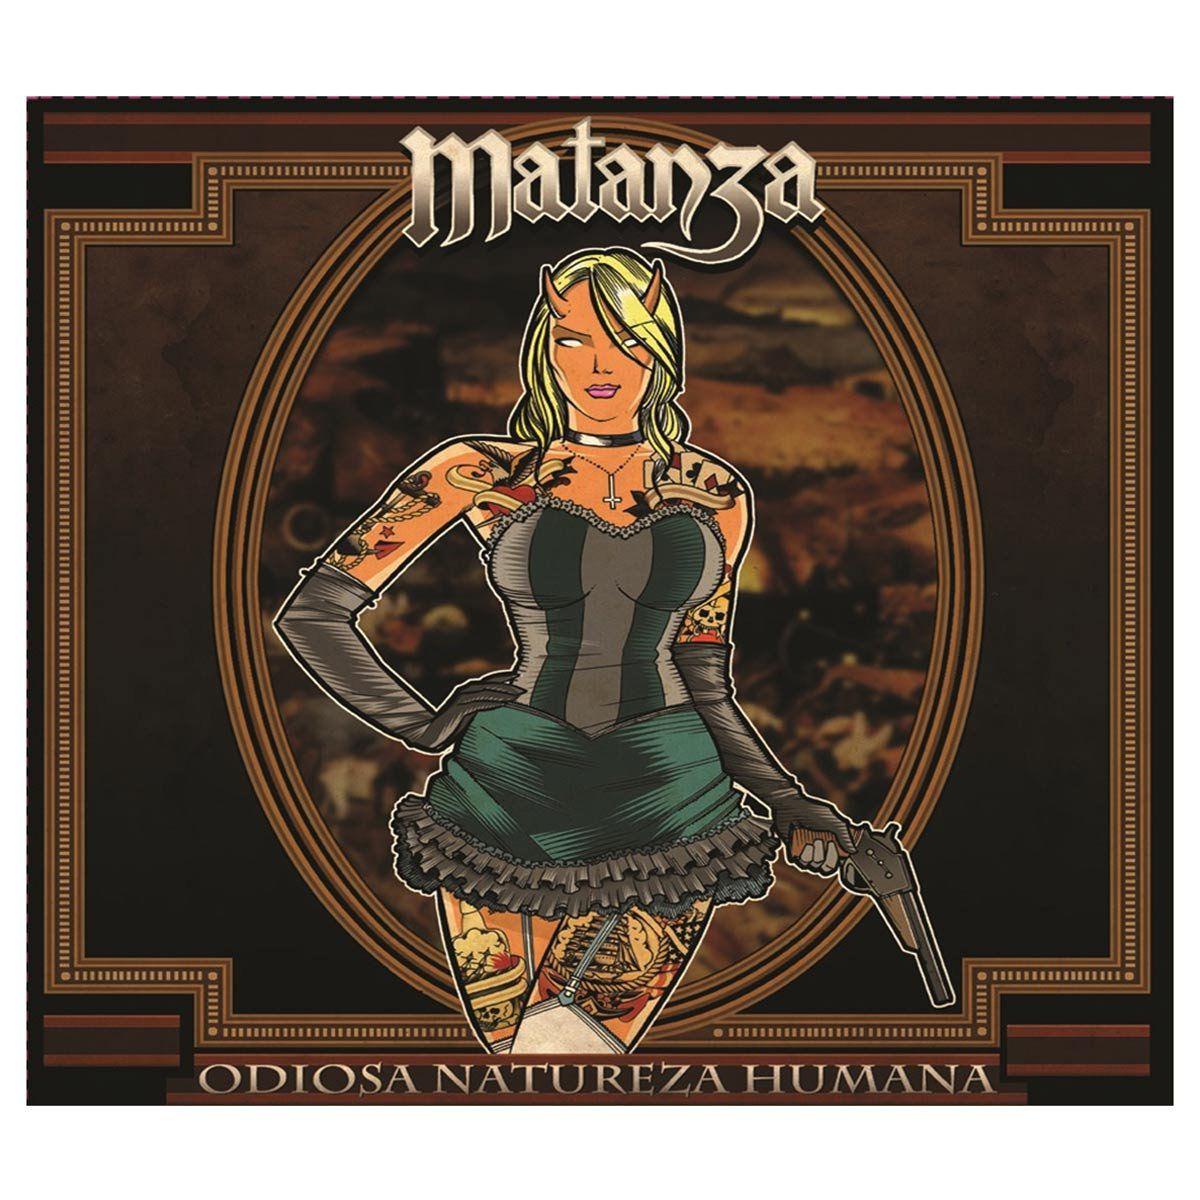 LP Matanza Odiosa Natureza Humana  - bandUP Store Marketplace